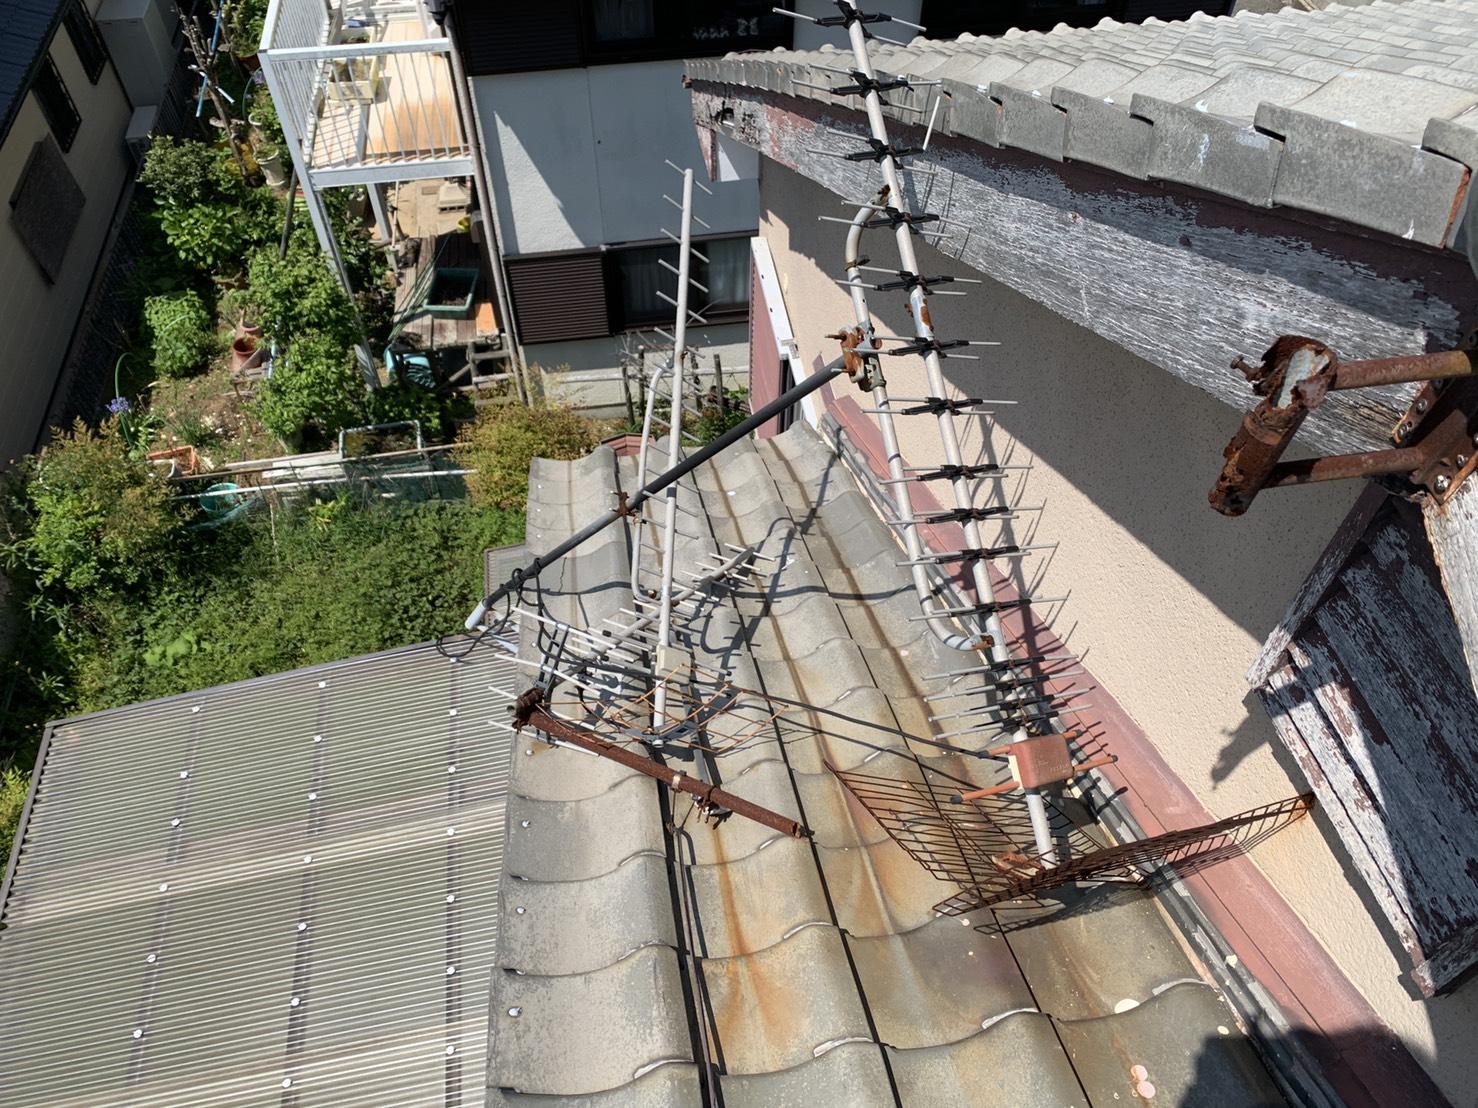 強風で倒壊した屋根上のアンテナ